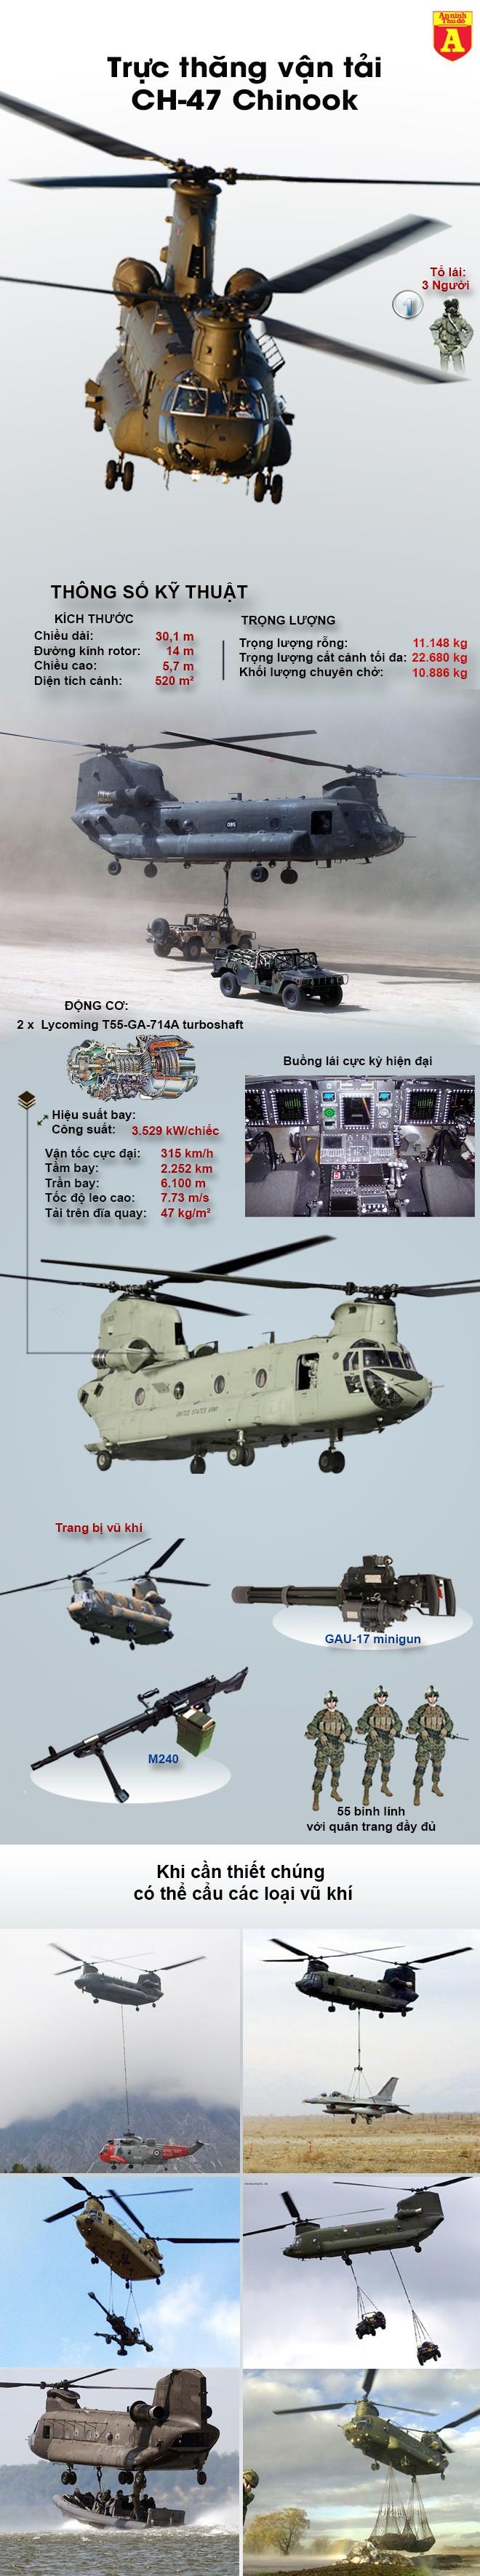 [Infographic] Khám phá 'quái vật bầu trời' số 1 của không quân Mỹ ảnh 2